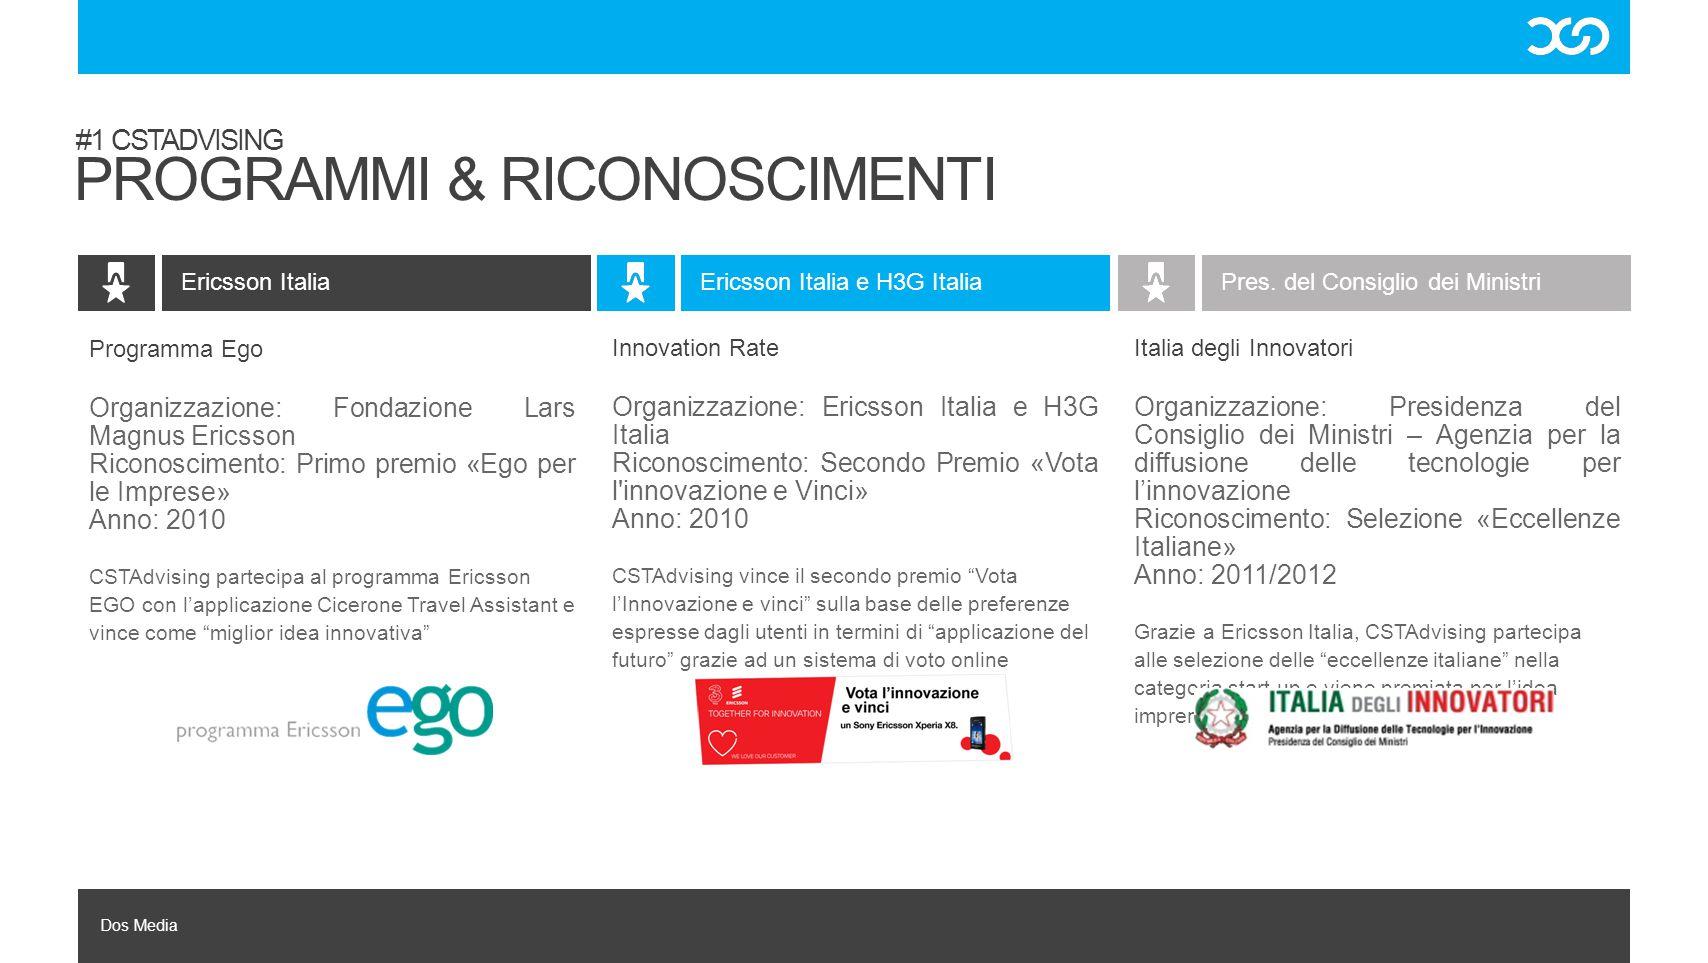 Dos Media Italia degli Innovatori Organizzazione: Presidenza del Consiglio dei Ministri – Agenzia per la diffusione delle tecnologie per l'innovazione